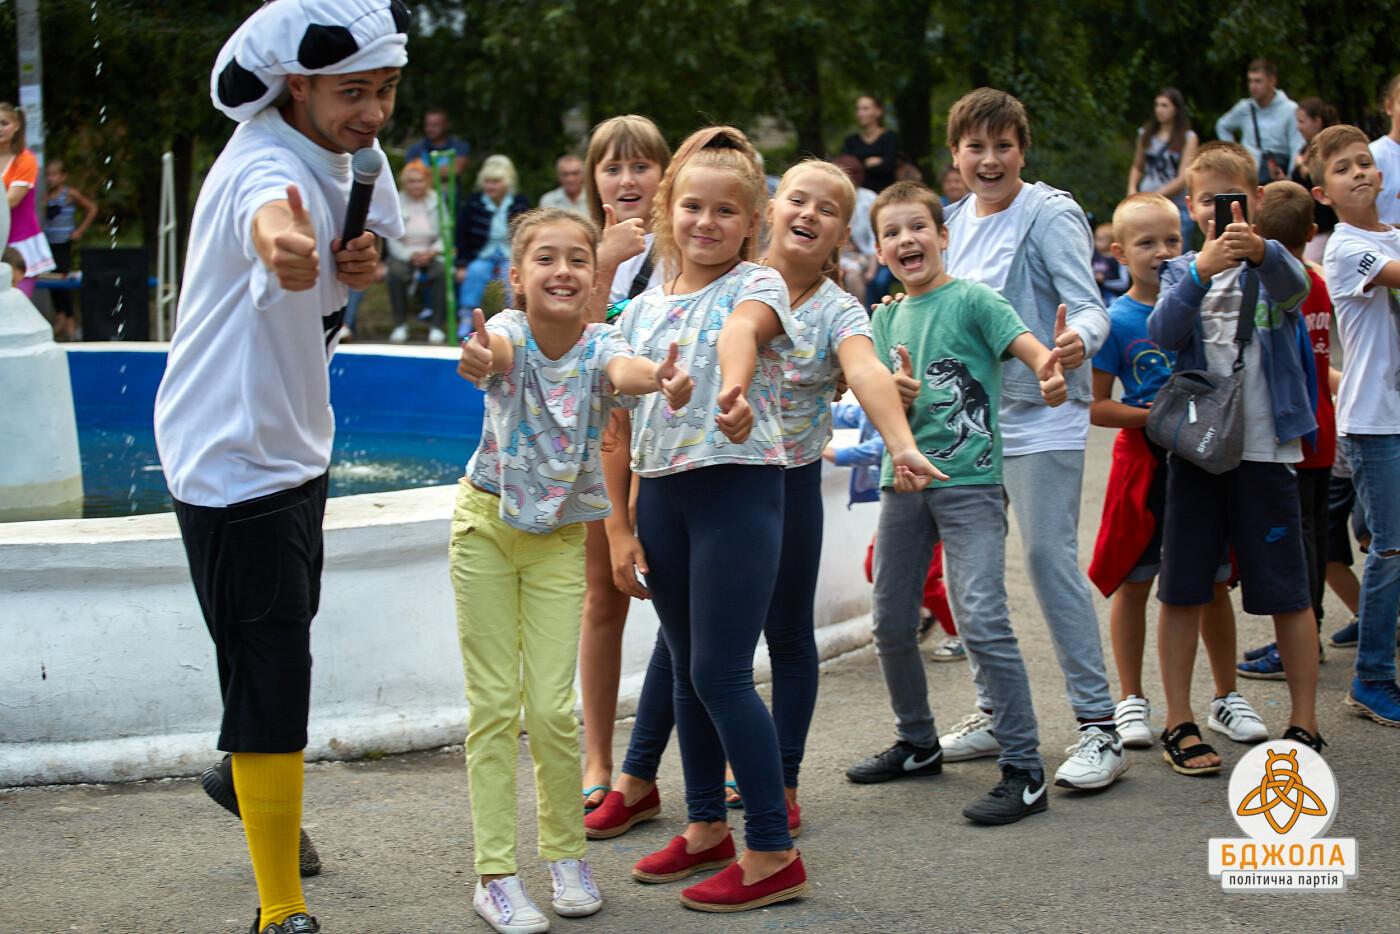 Аниматоры, конкурсы и подарки: на Днепрострое в Каменском прошел детский праздник, фото-6